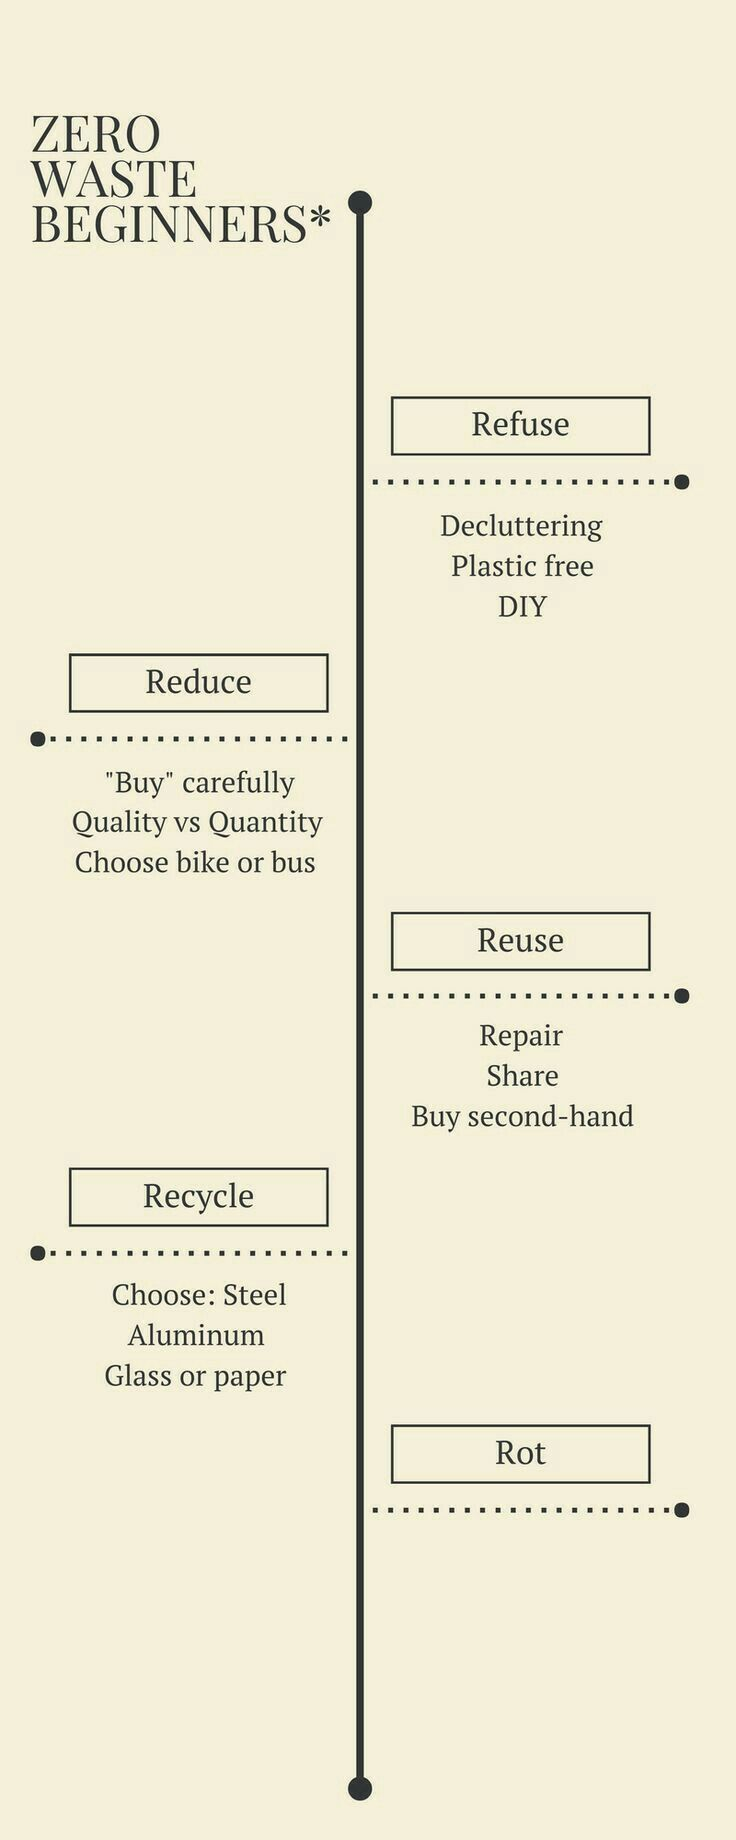 pingl par sustainability office sur education pinterest zero dechets z ro et ecolo. Black Bedroom Furniture Sets. Home Design Ideas